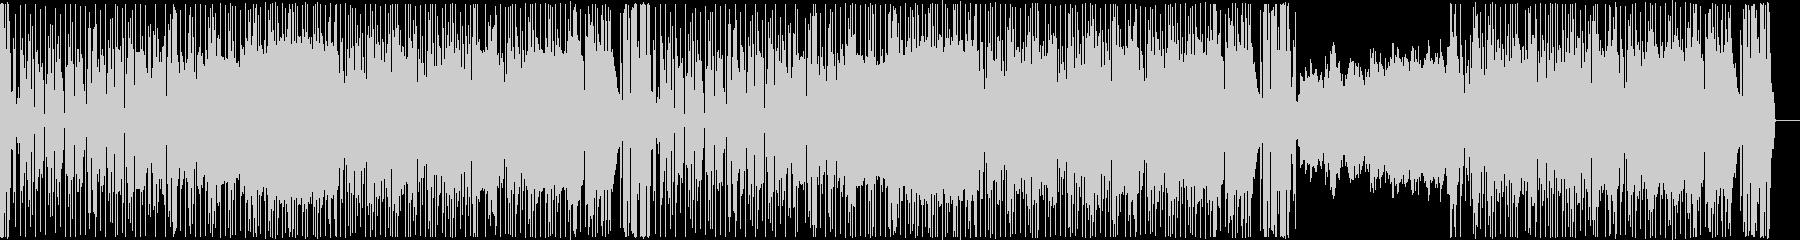 ゴスペル調BGMの未再生の波形